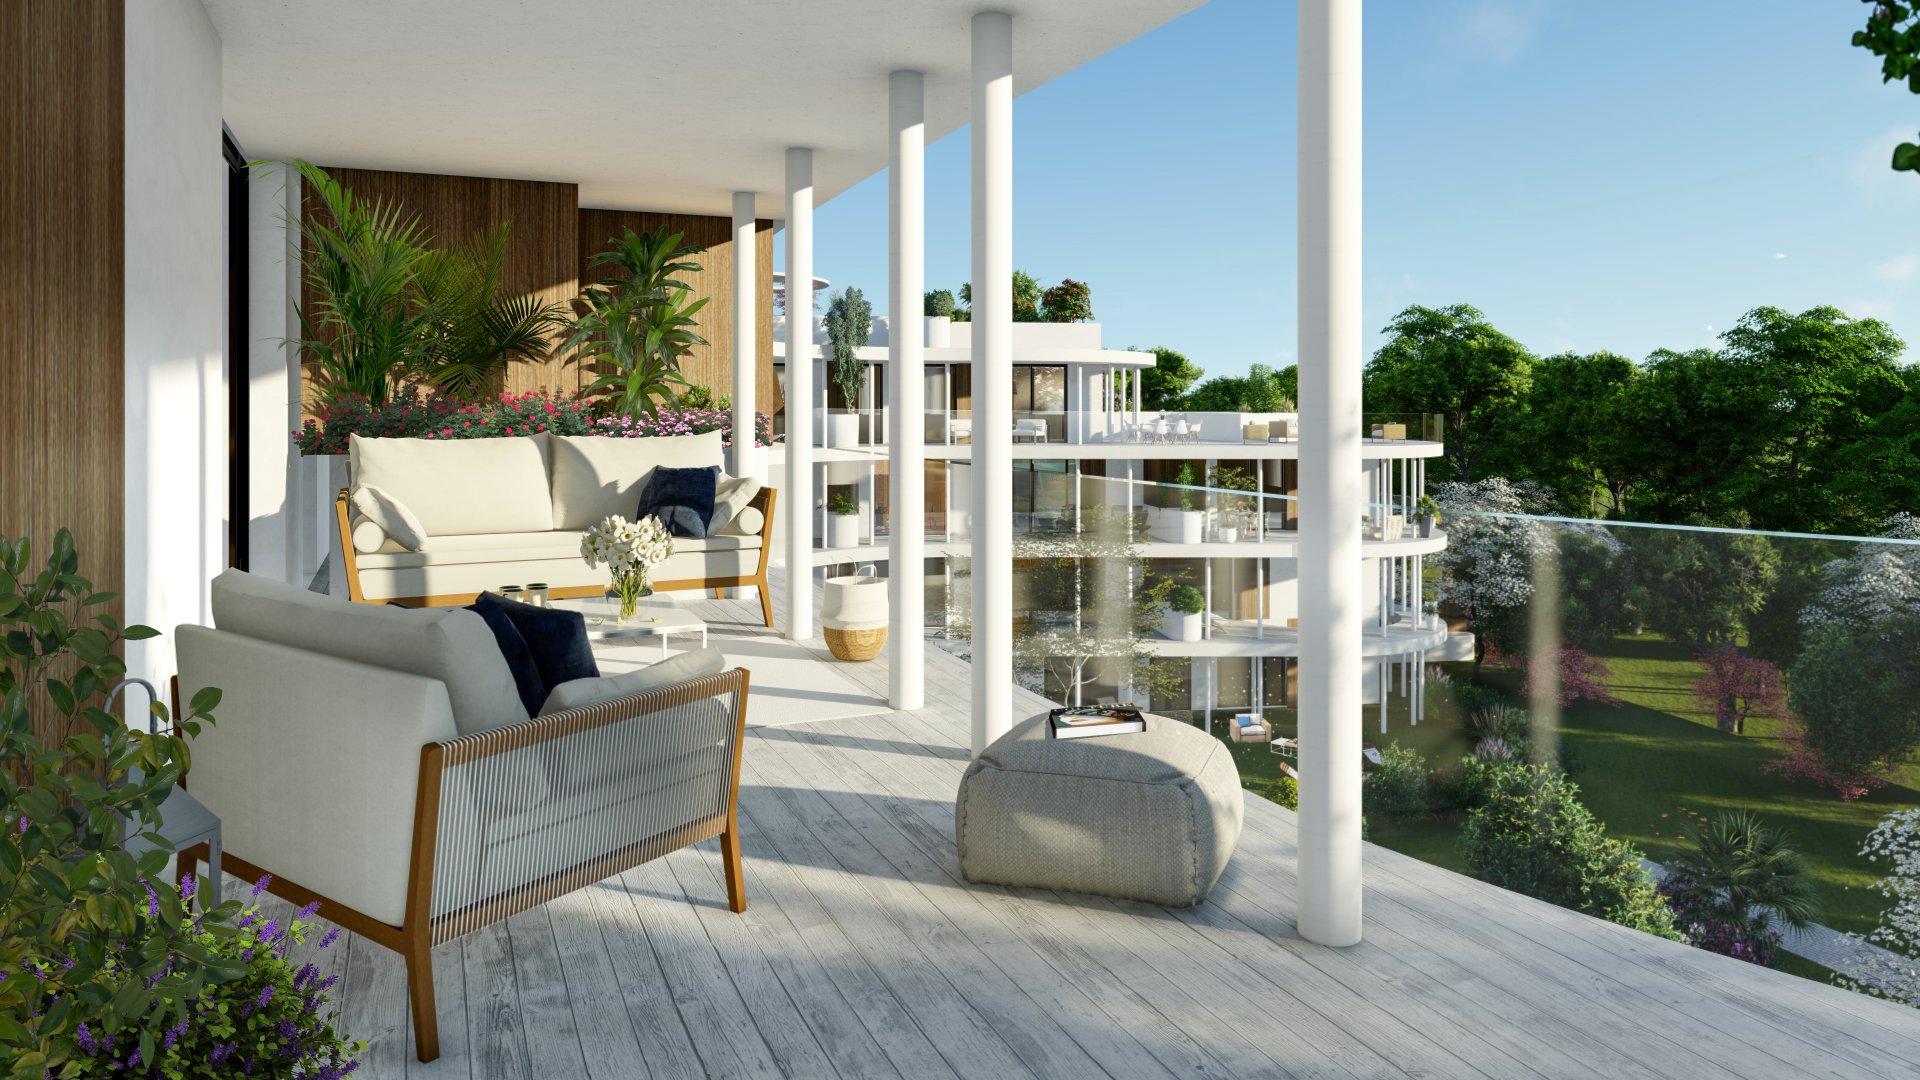 IDÉALISTE - Appartement de type 3 de 76,9m2 - 2 Terrasses